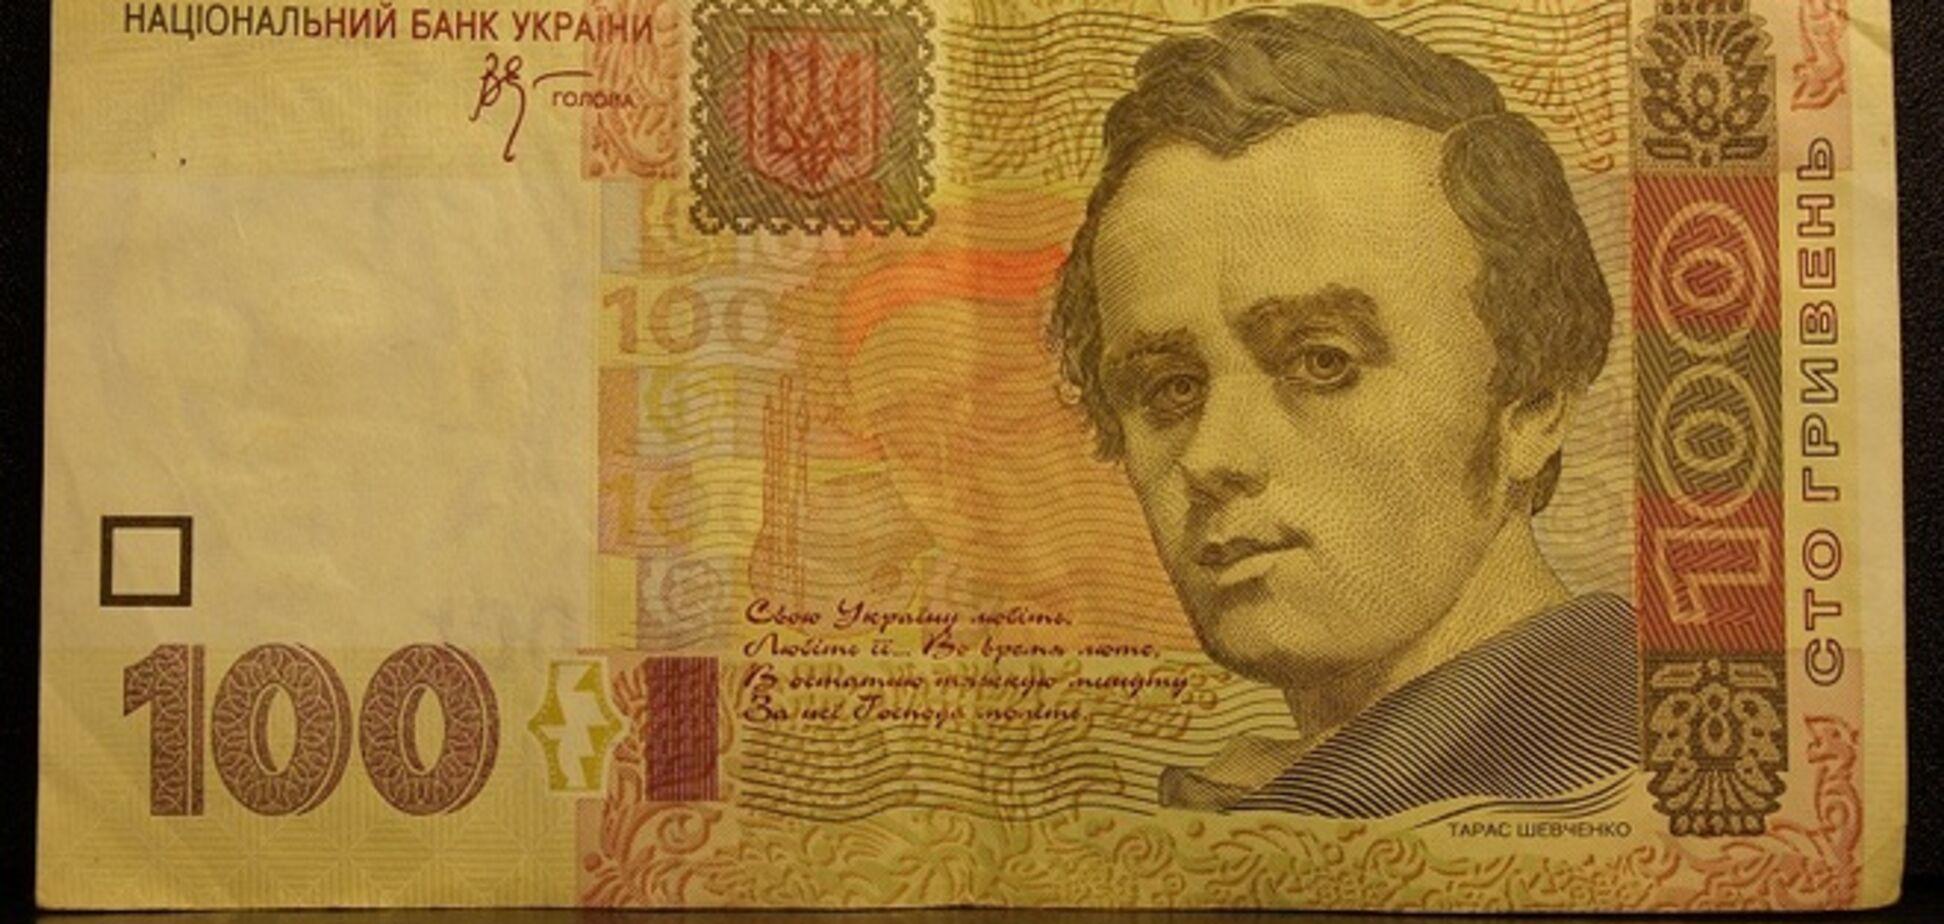 В Киеве задержали водителя Bentley, который хотел откупиться от сотрудника ГАИ